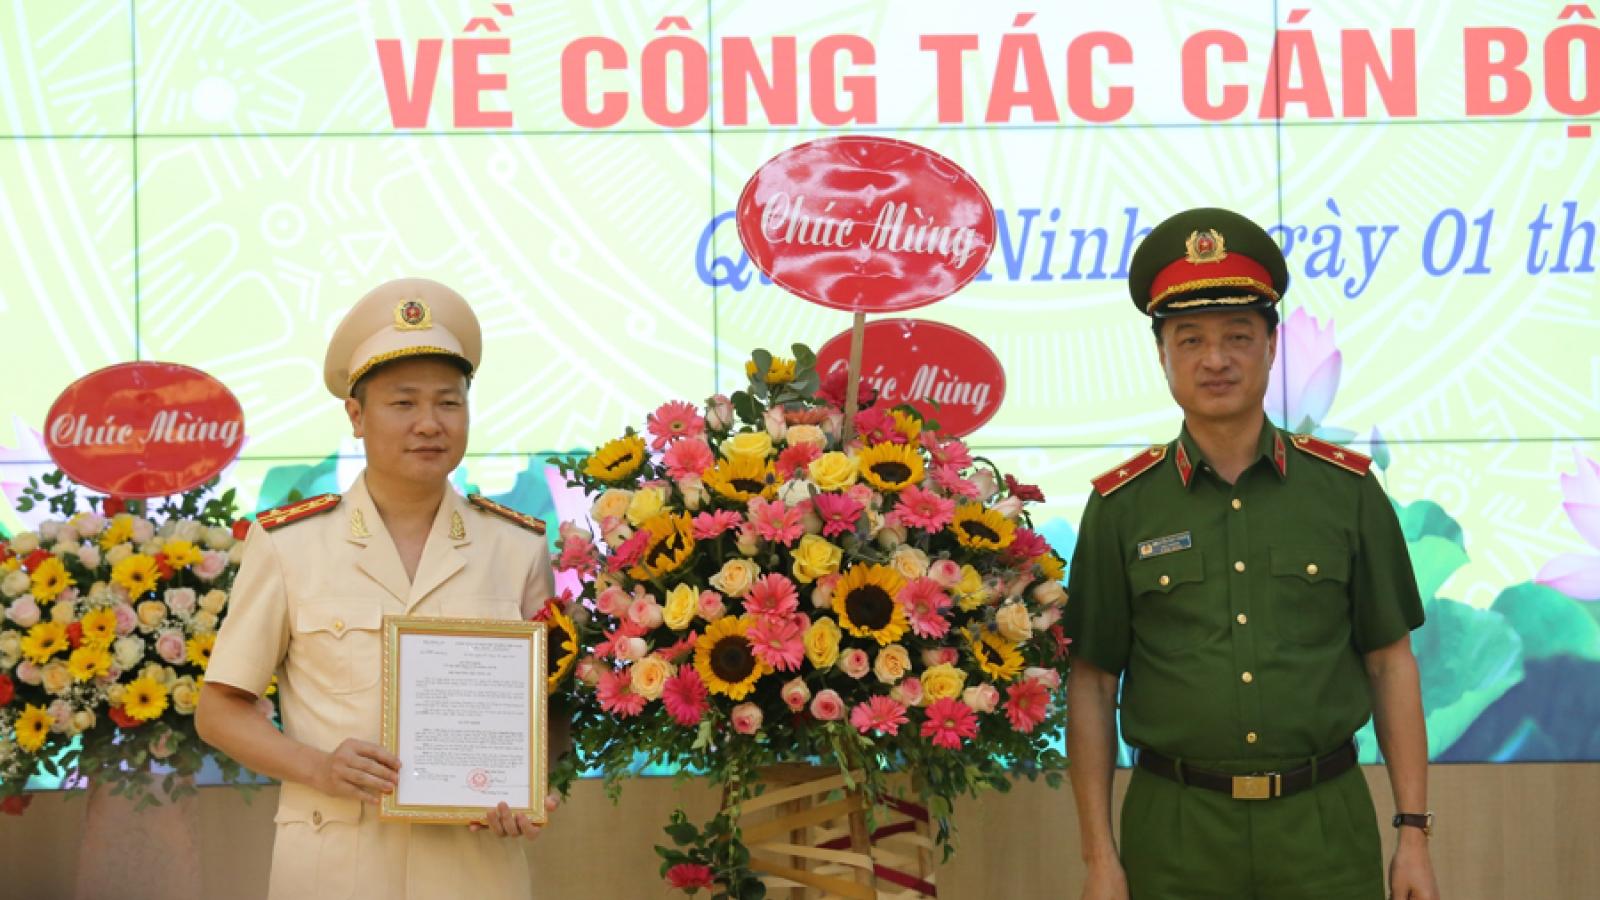 Đại tá Nguyễn Ngọc Lâm giữ chức Giám đốc Công an tỉnh Quảng Ninh